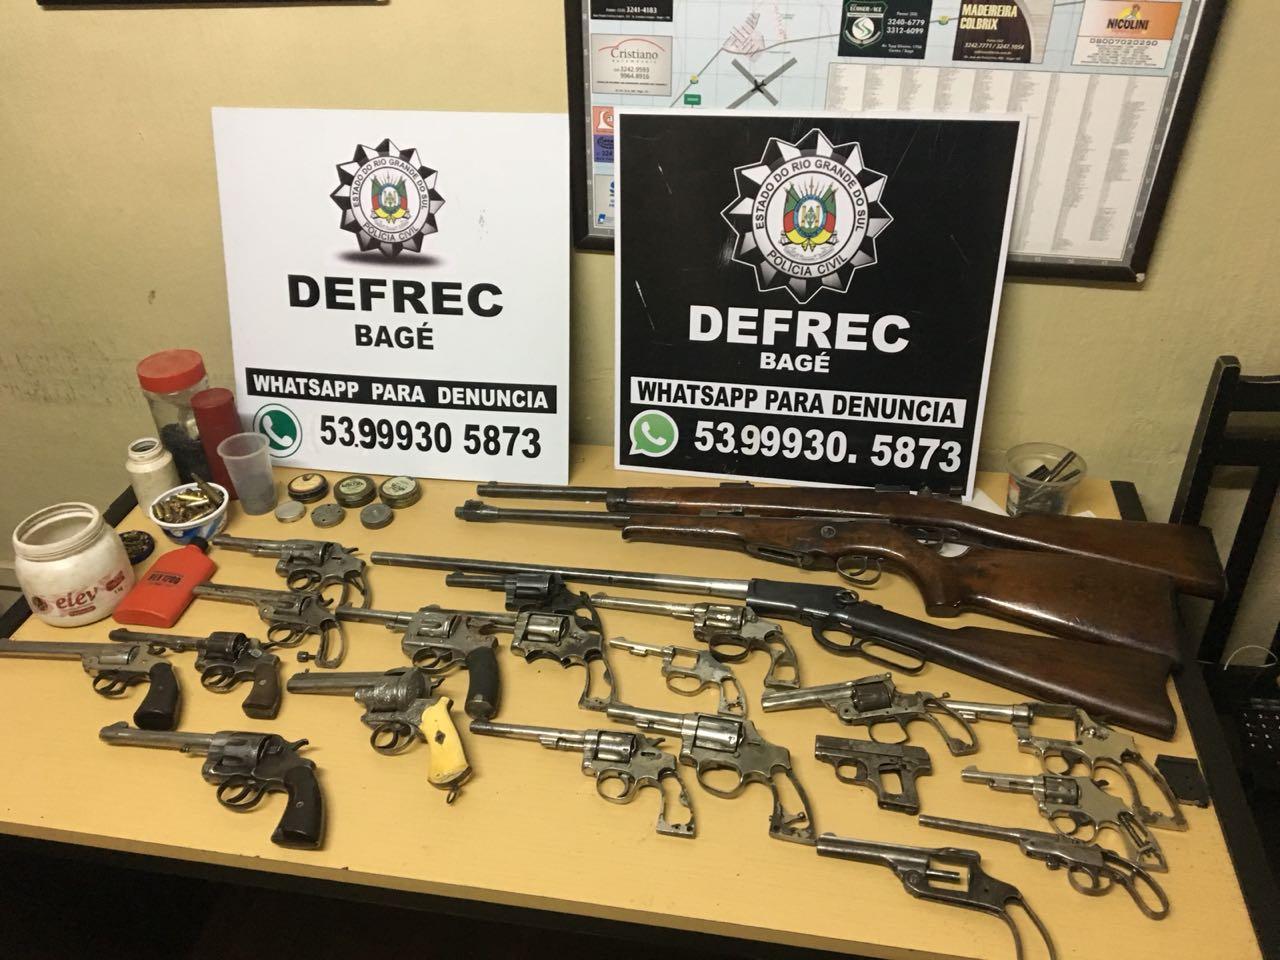 Foram 19 revólveres e 5 armas longas